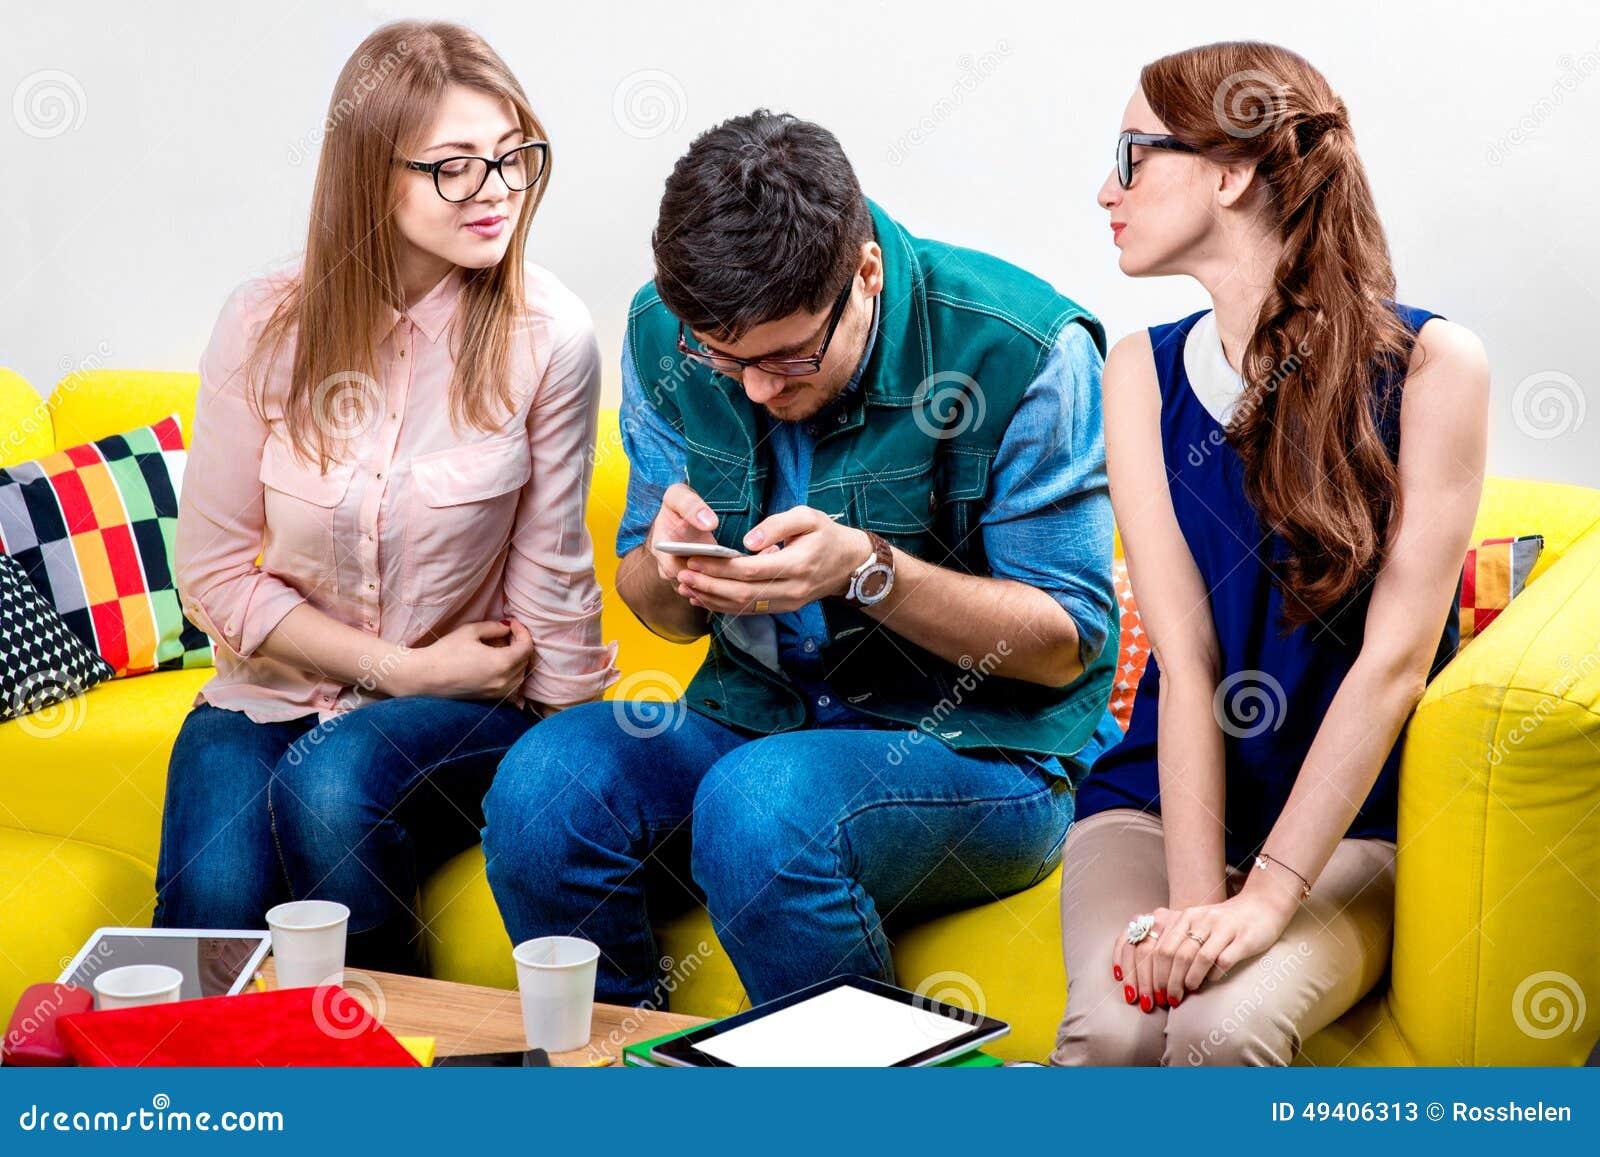 Download Freunde auf der Couch stockbild. Bild von bunt, geräte - 49406313